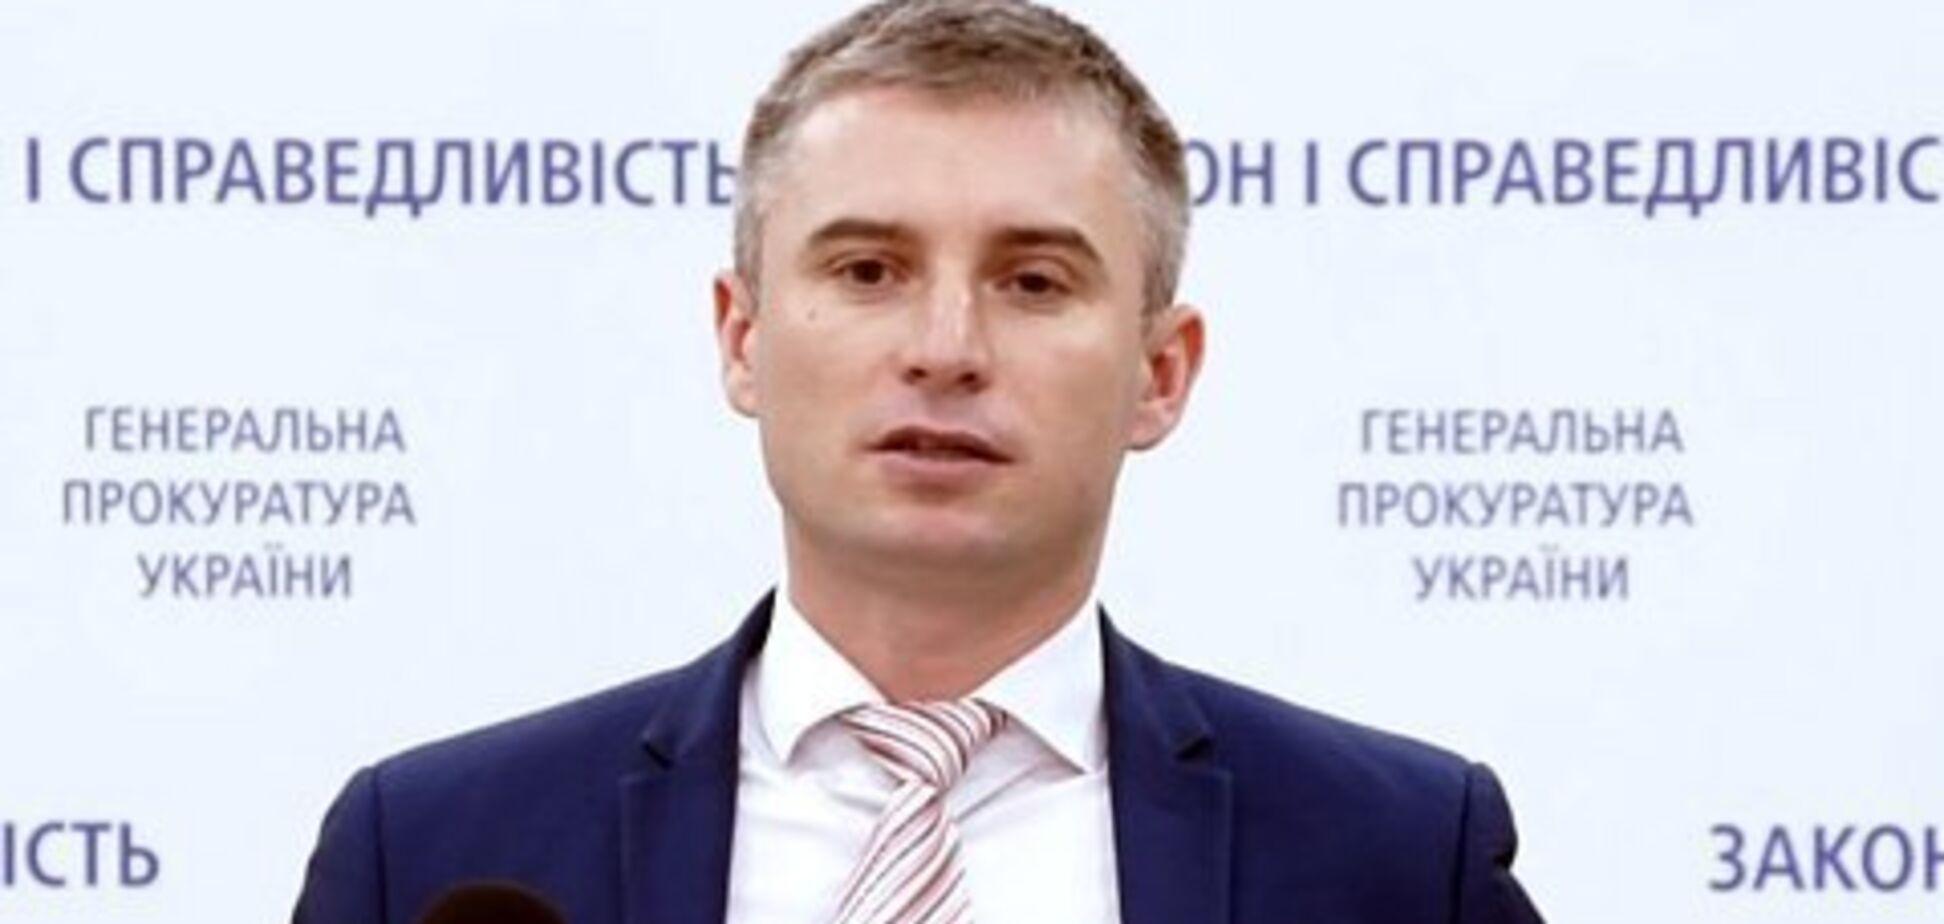 Олександр Новіков